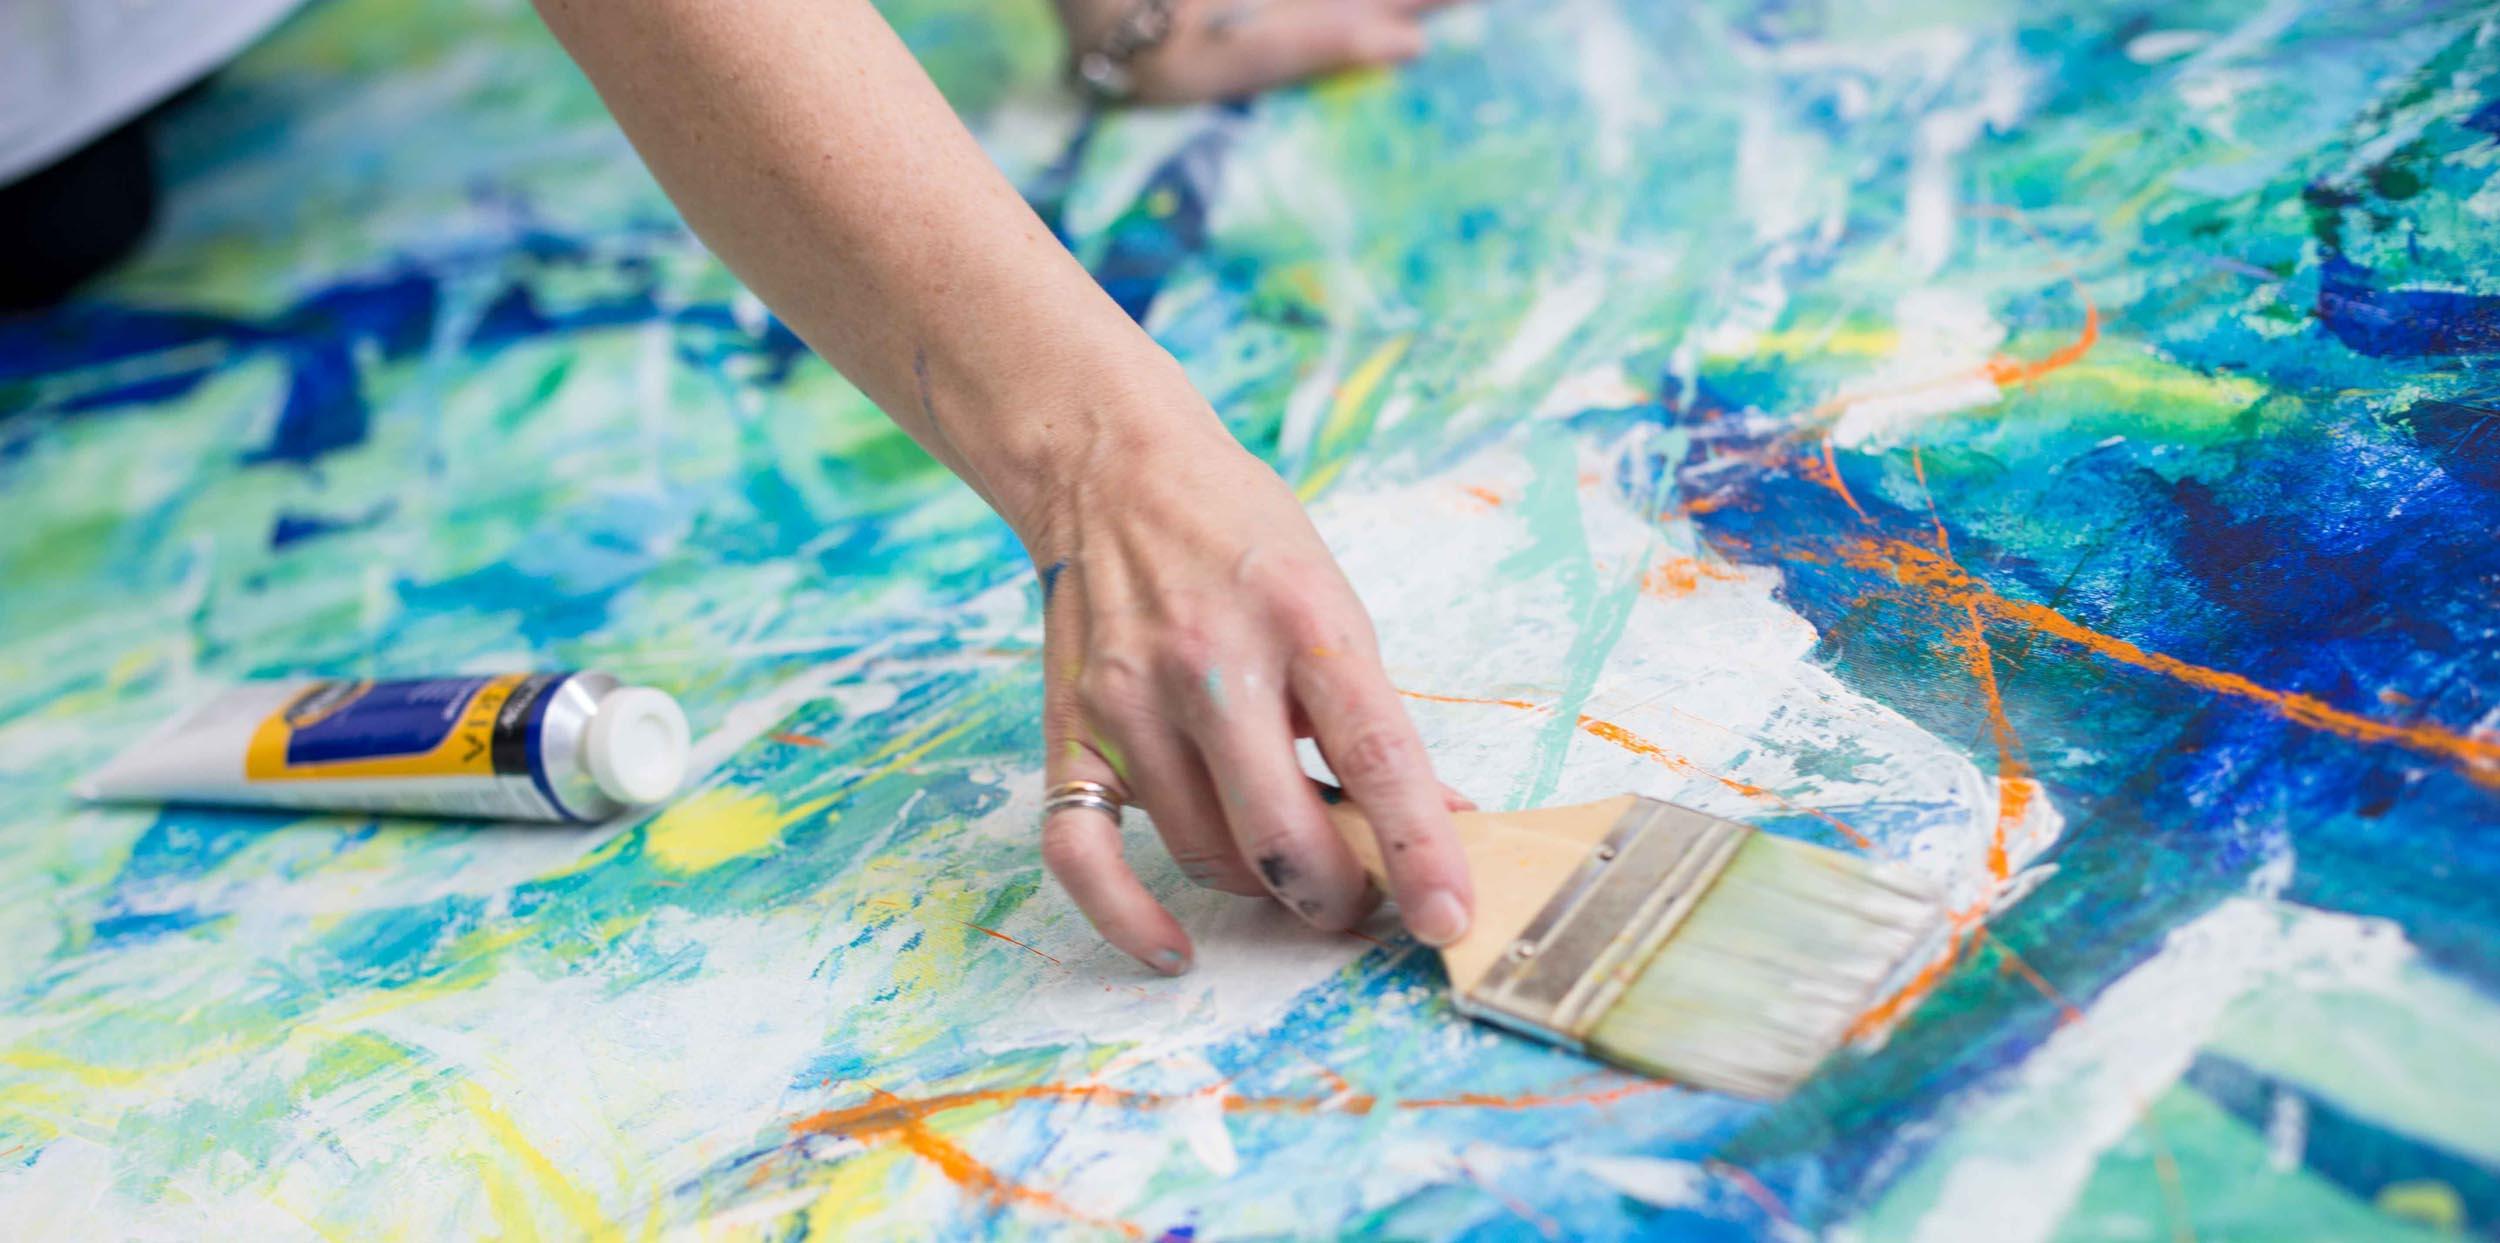 Lynette-Melnyk-hands-painting.jpg